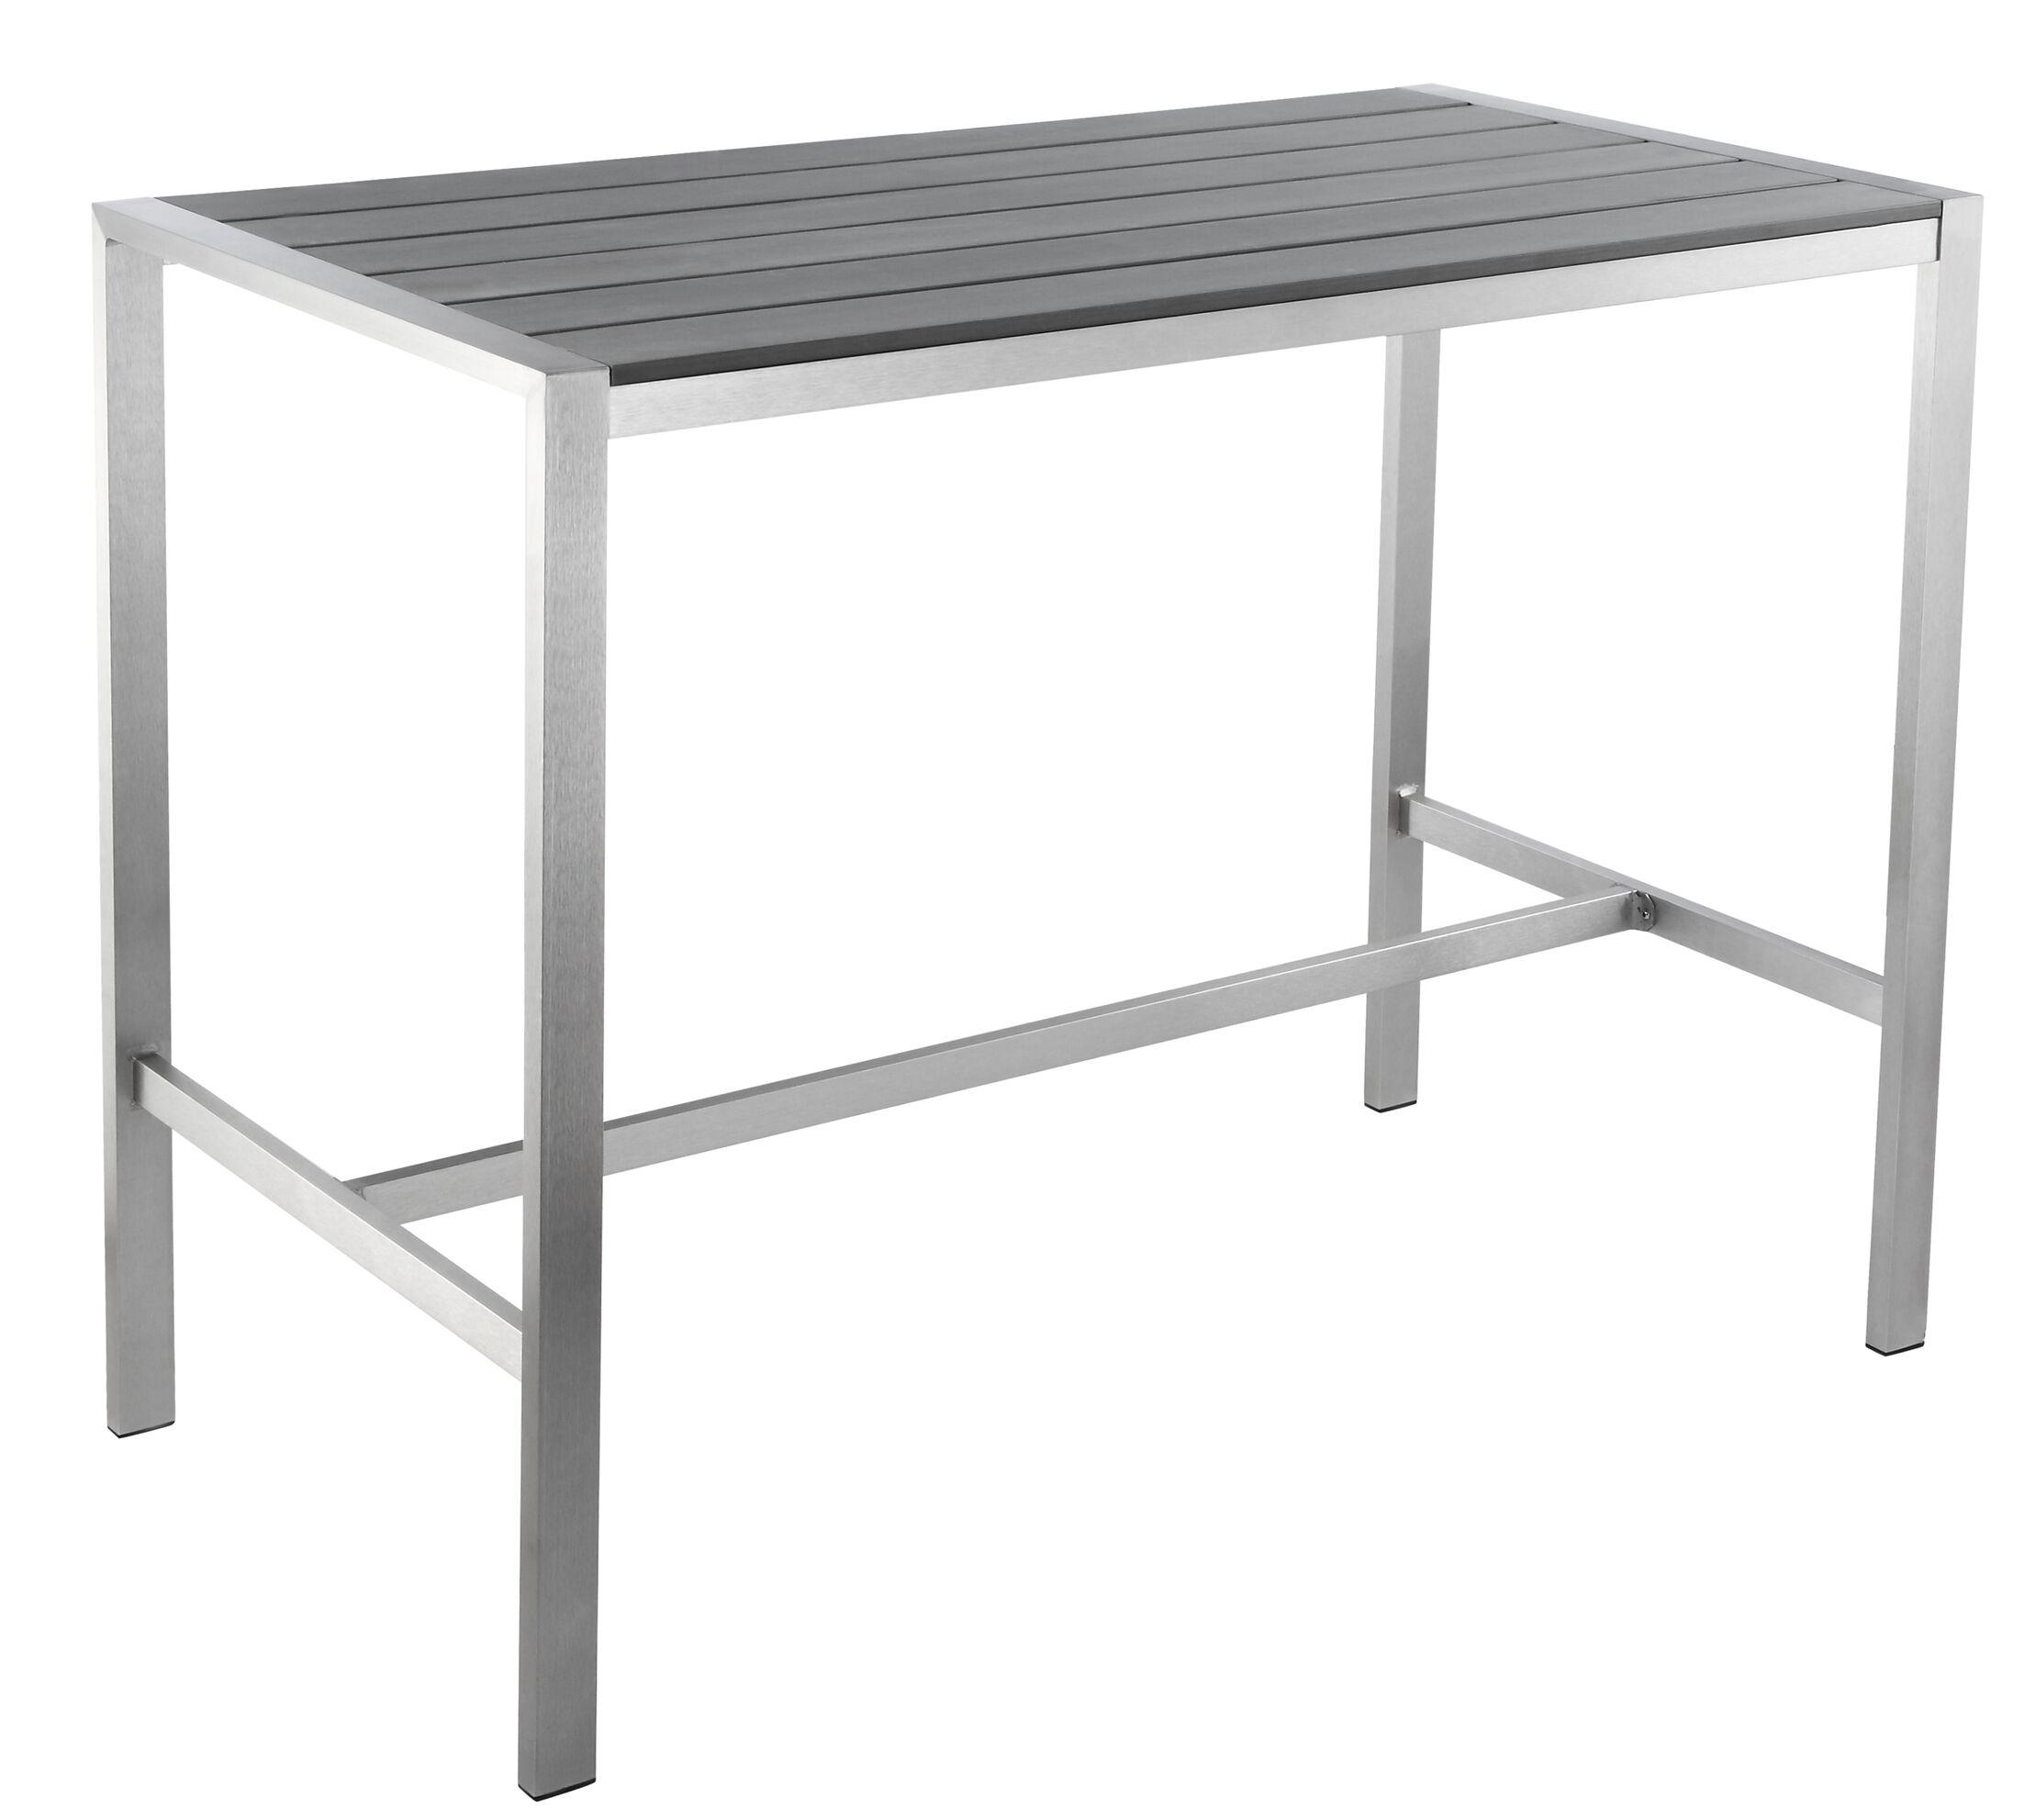 Lola Bar Table Finish: Grey